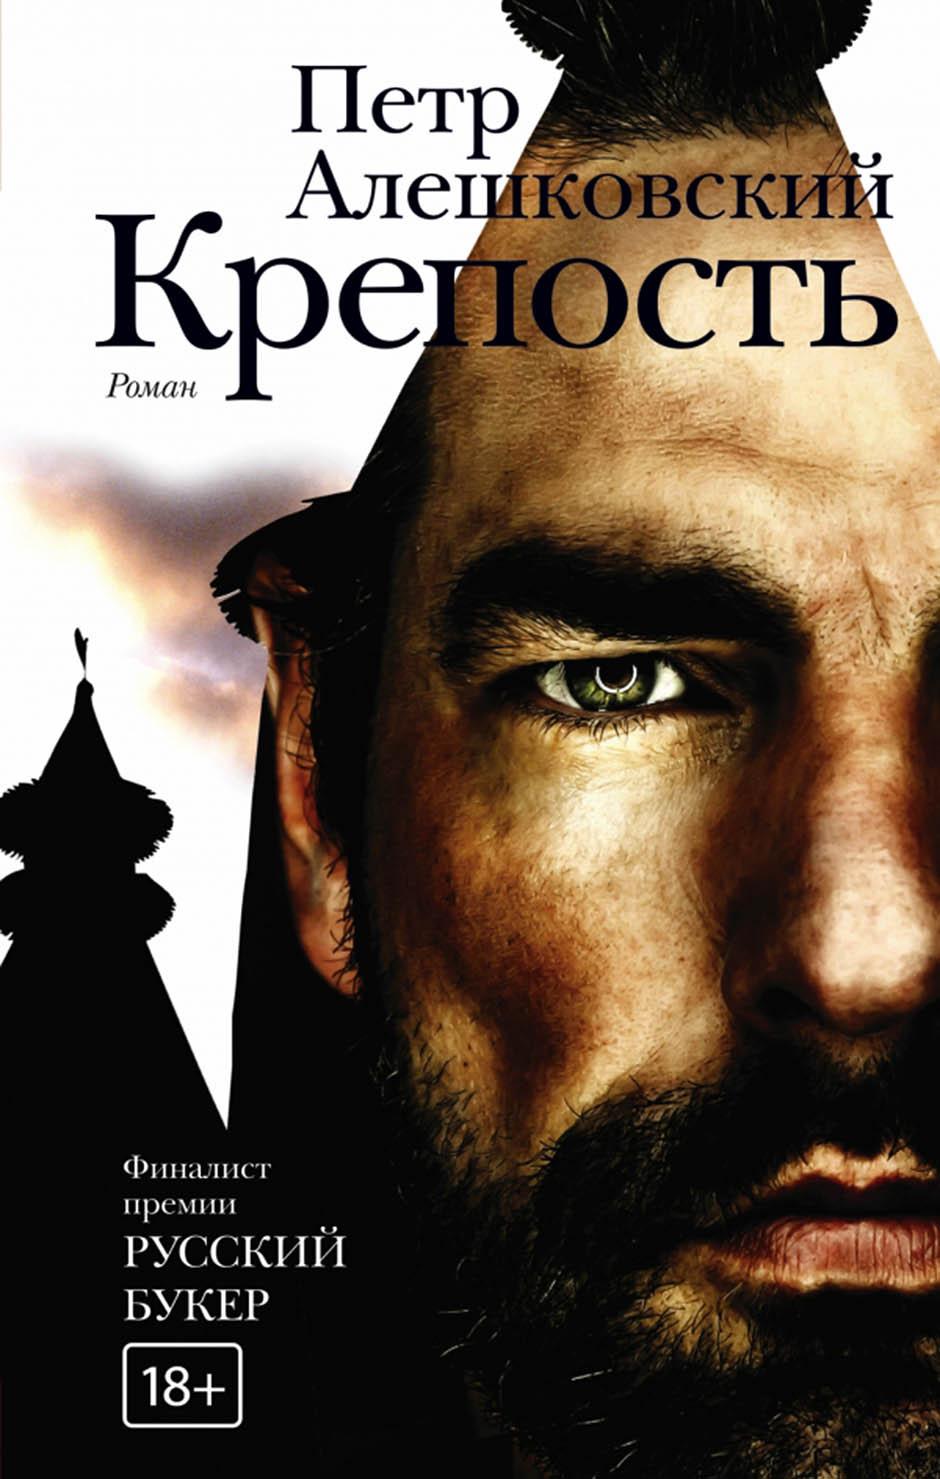 Объявлен лауреат престижной литературной премии «Русский Букер»